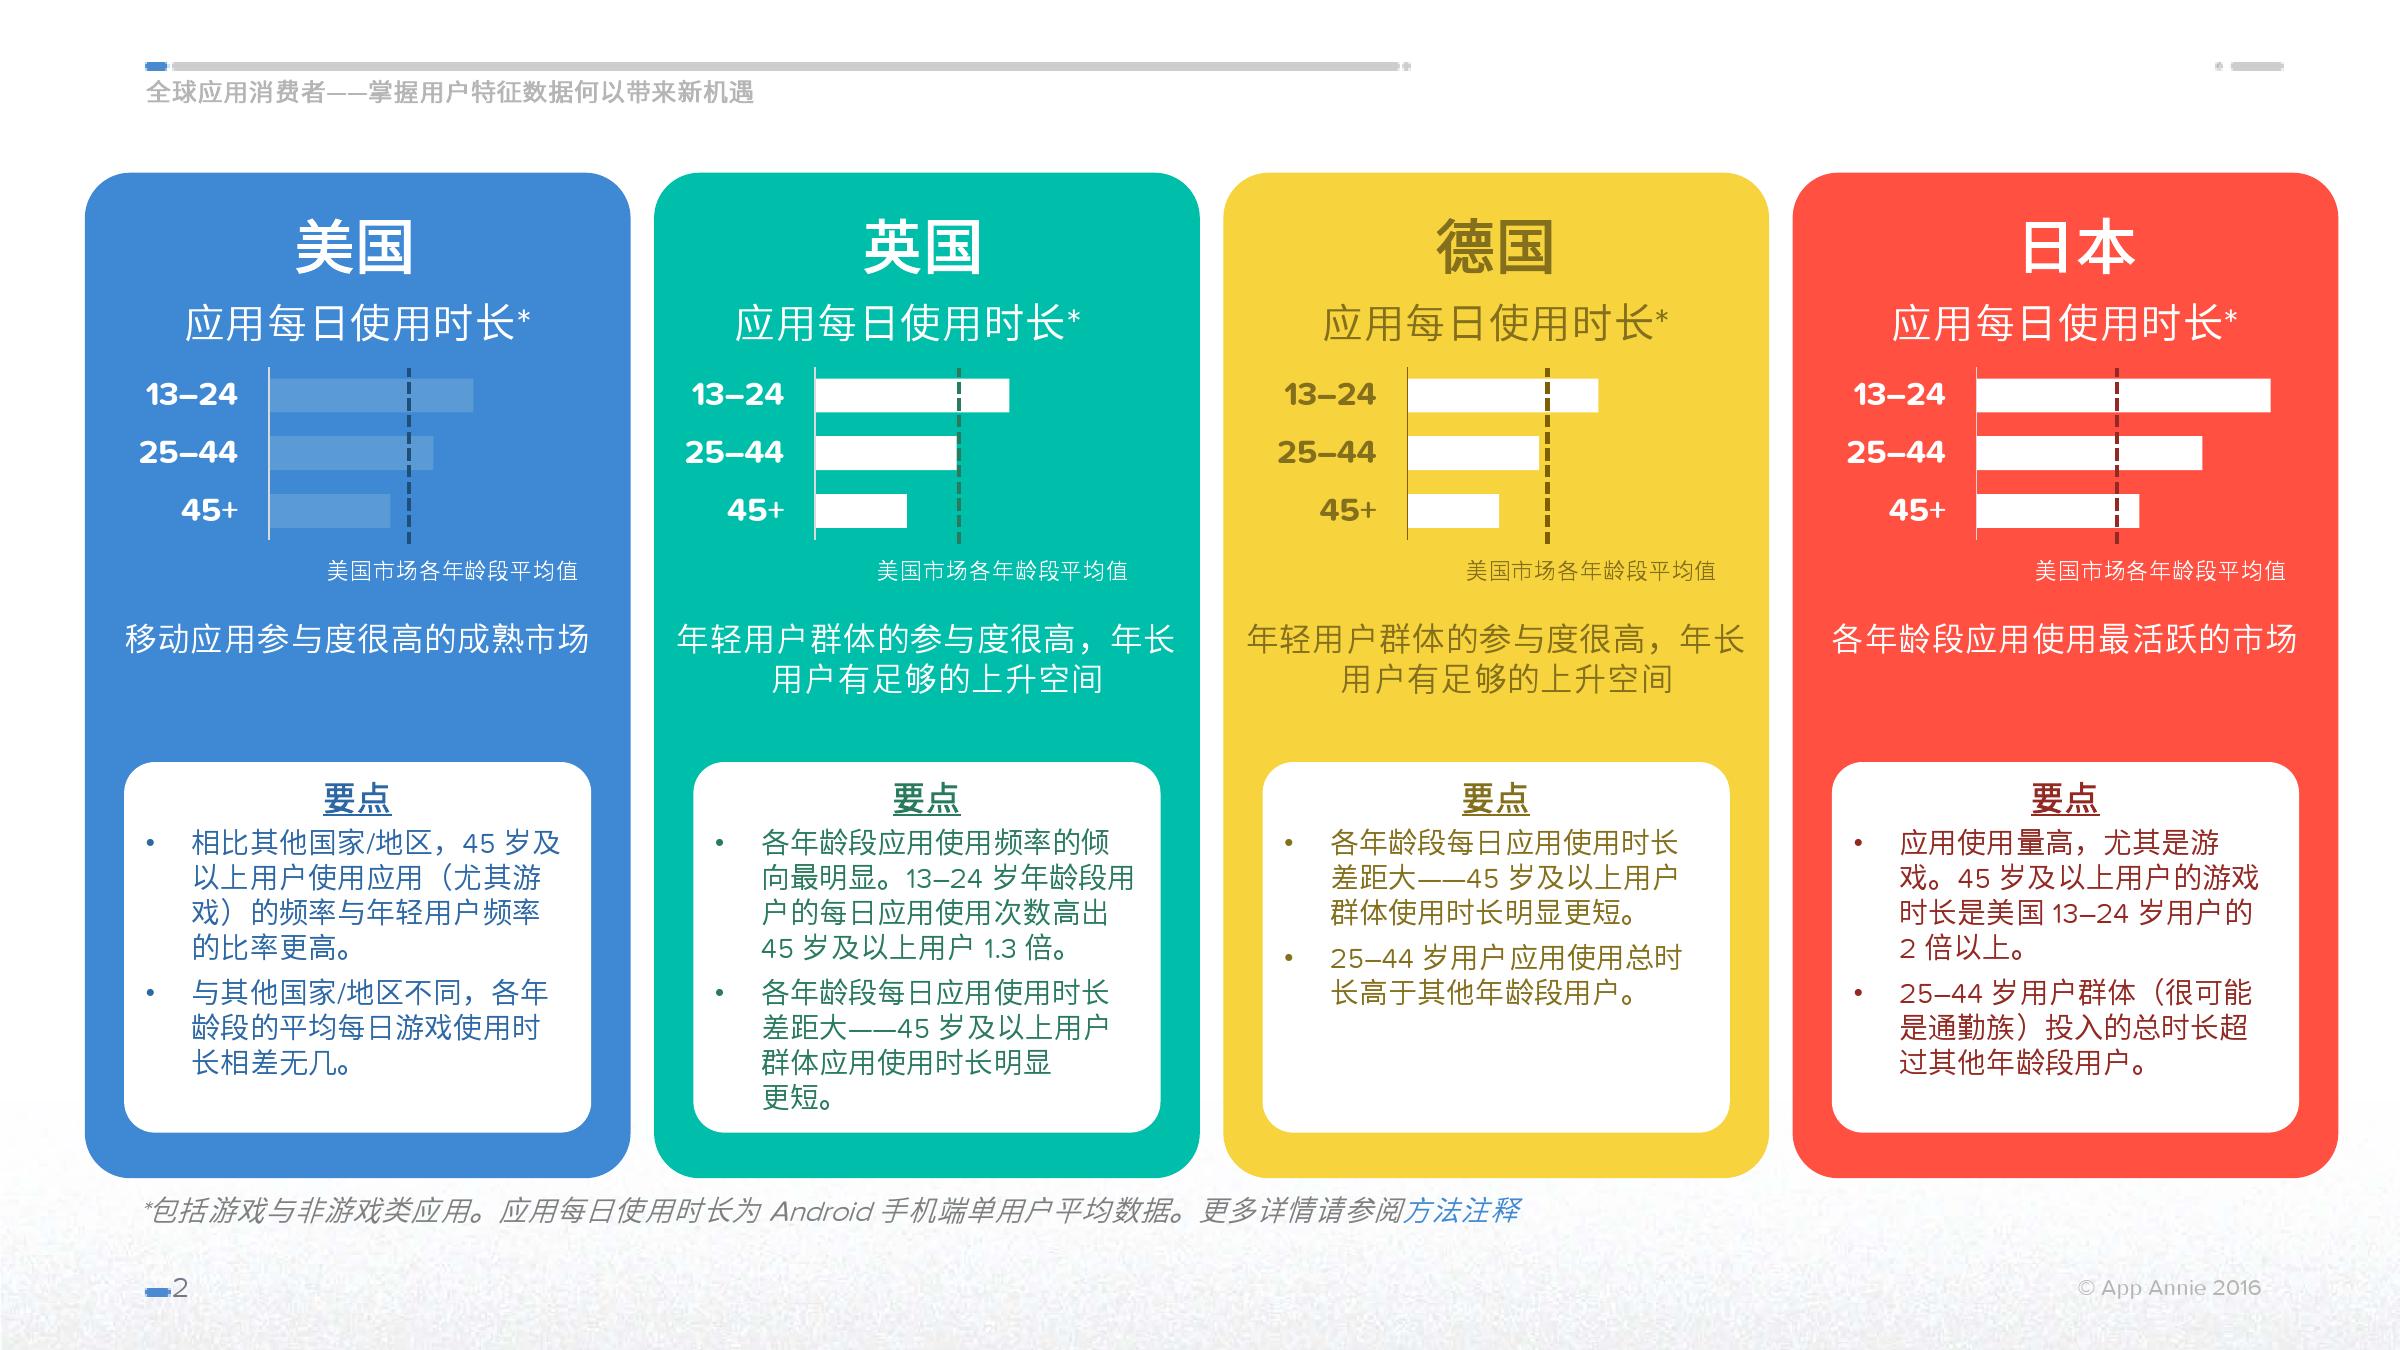 The-Global-App-Consumer-Understanding-Demographics-June-2016_CN_000002